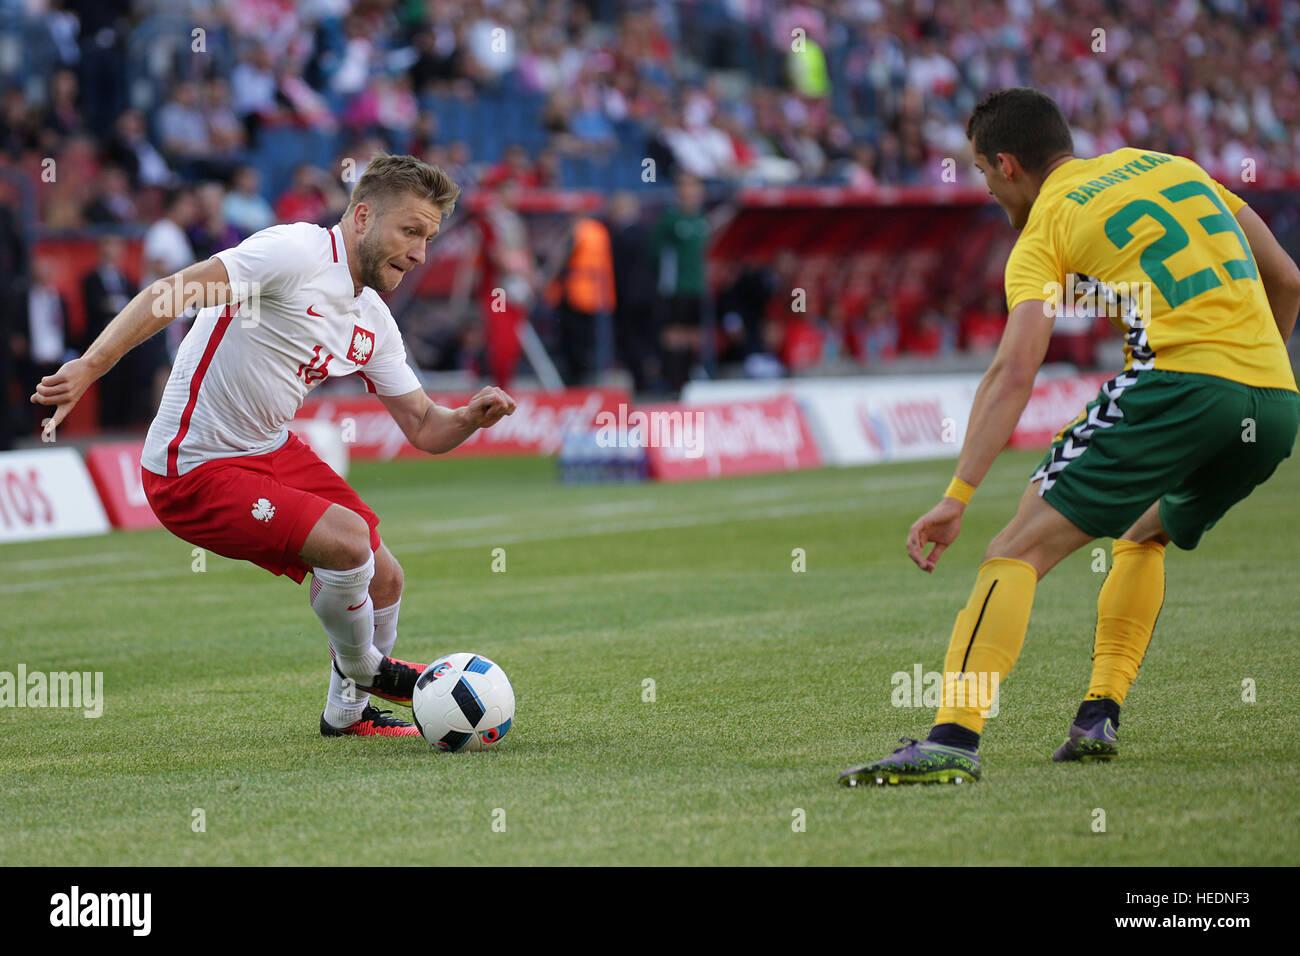 Krakau, Polen - 6. Juni 2016: Inernational freundlich Fußball Spiel Polen - Litauen o/p Jakub Kuba Blaszczykowski Stockbild